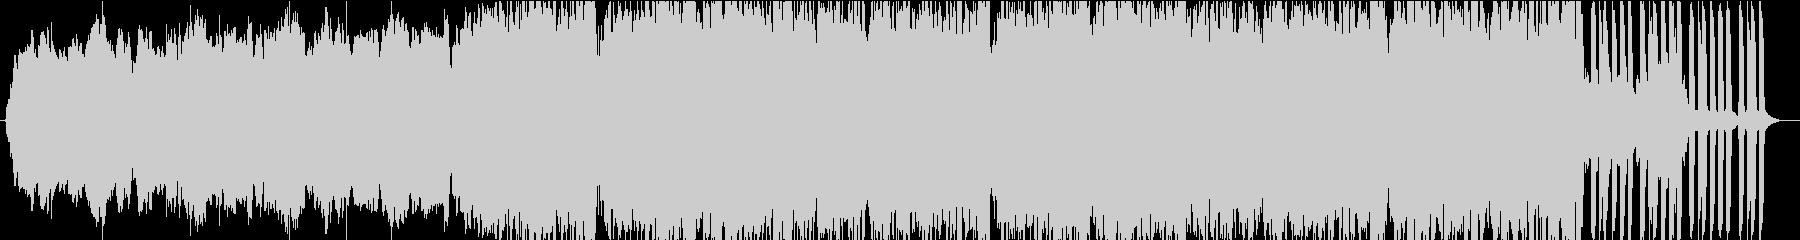 さざなみをイメージしたヒーリングBGMの未再生の波形